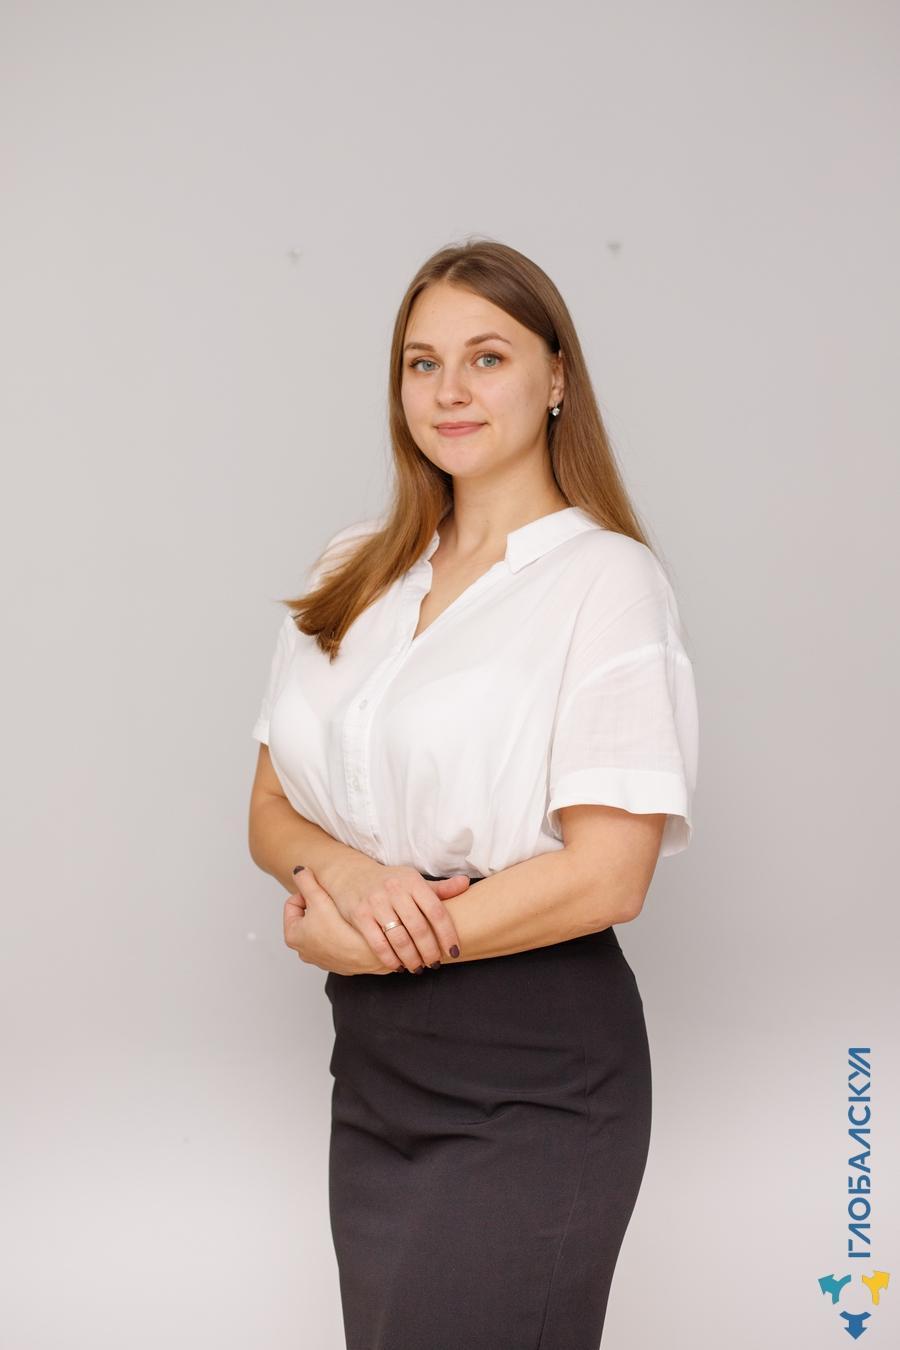 Кулабина Мария академический директор